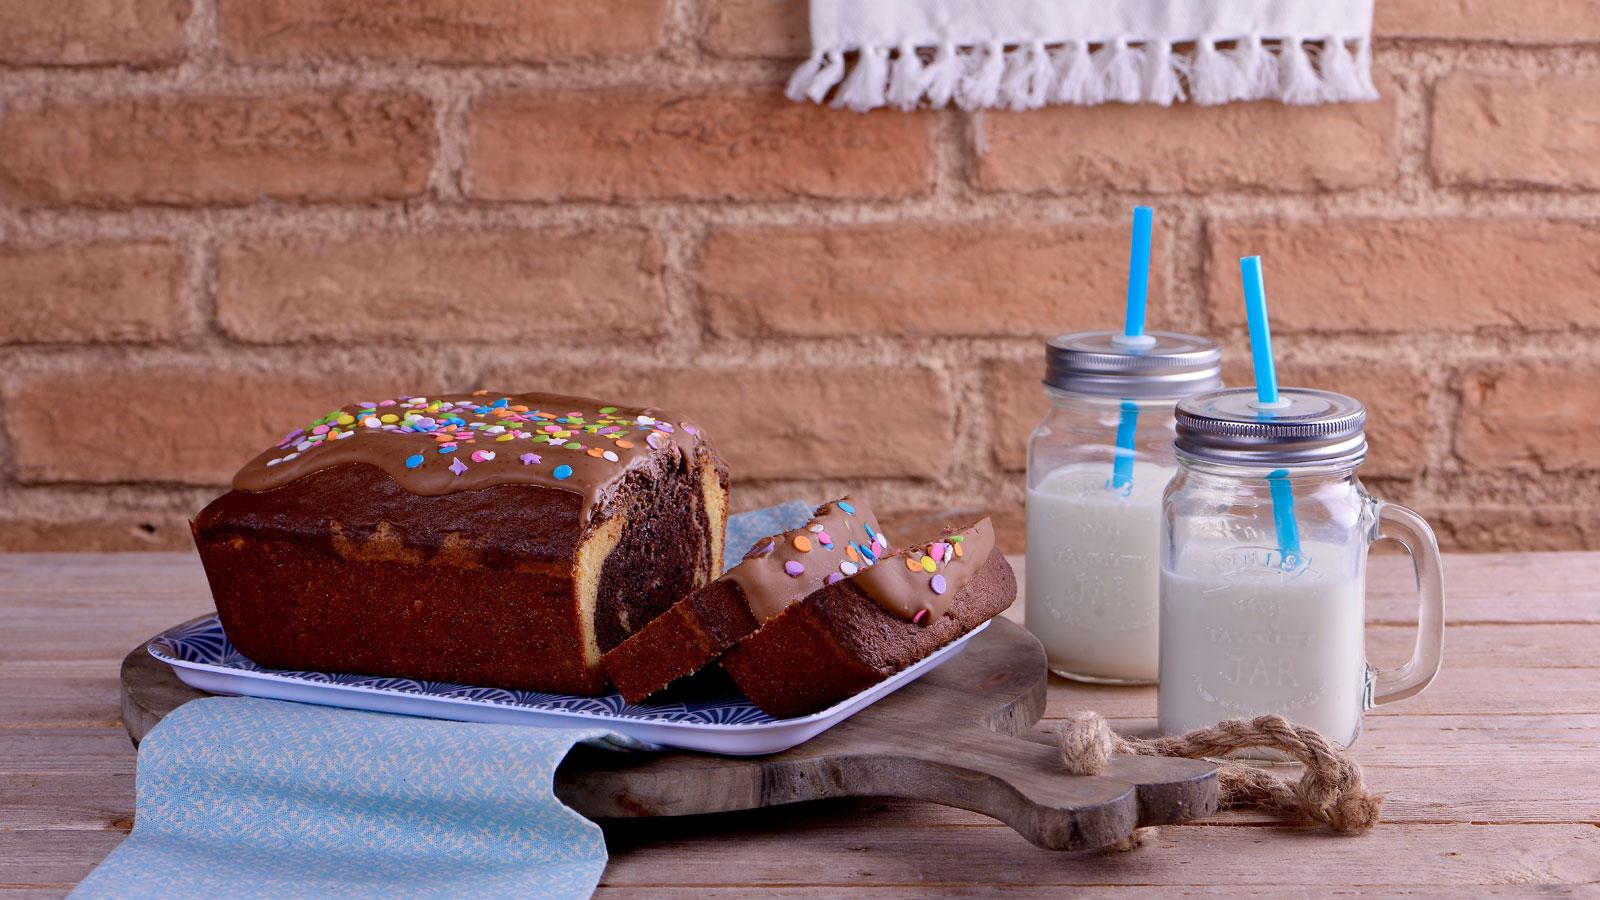 Bizcocho marmolado de desayuno alma obreg n receta for Canal cocina alma obregon